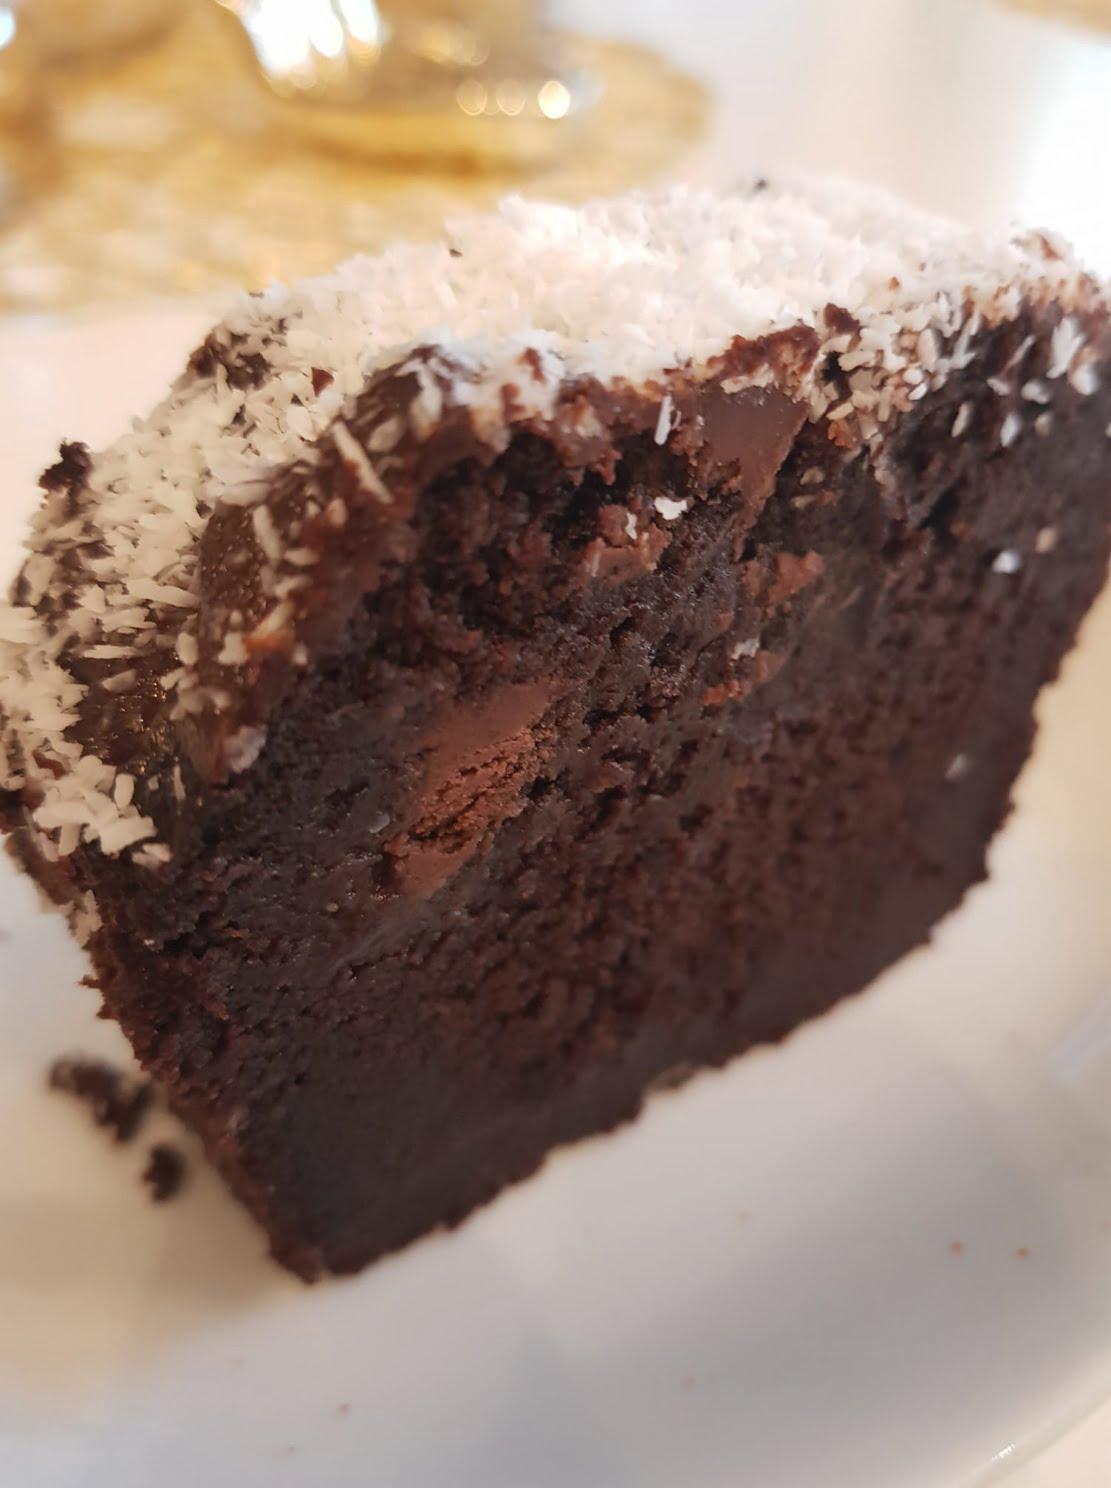 עוגת שוקולד ב 5 דקות עבודה_מתכון של נורית יונה – מאסטר מתכונים